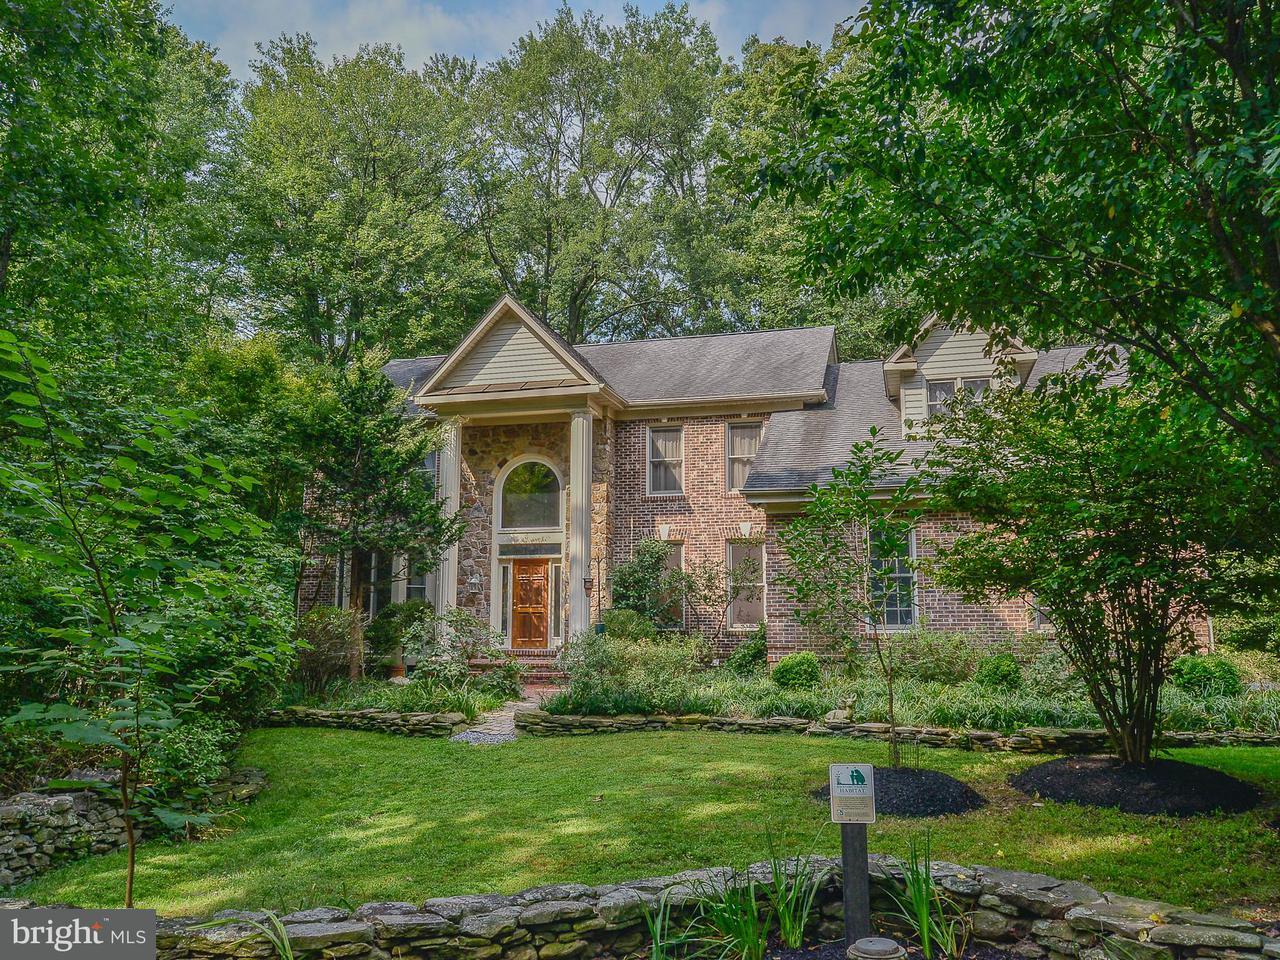 Частный односемейный дом для того Продажа на 3716 RUST Road 3716 RUST Road Annandale, Виргиния 22003 Соединенные Штаты